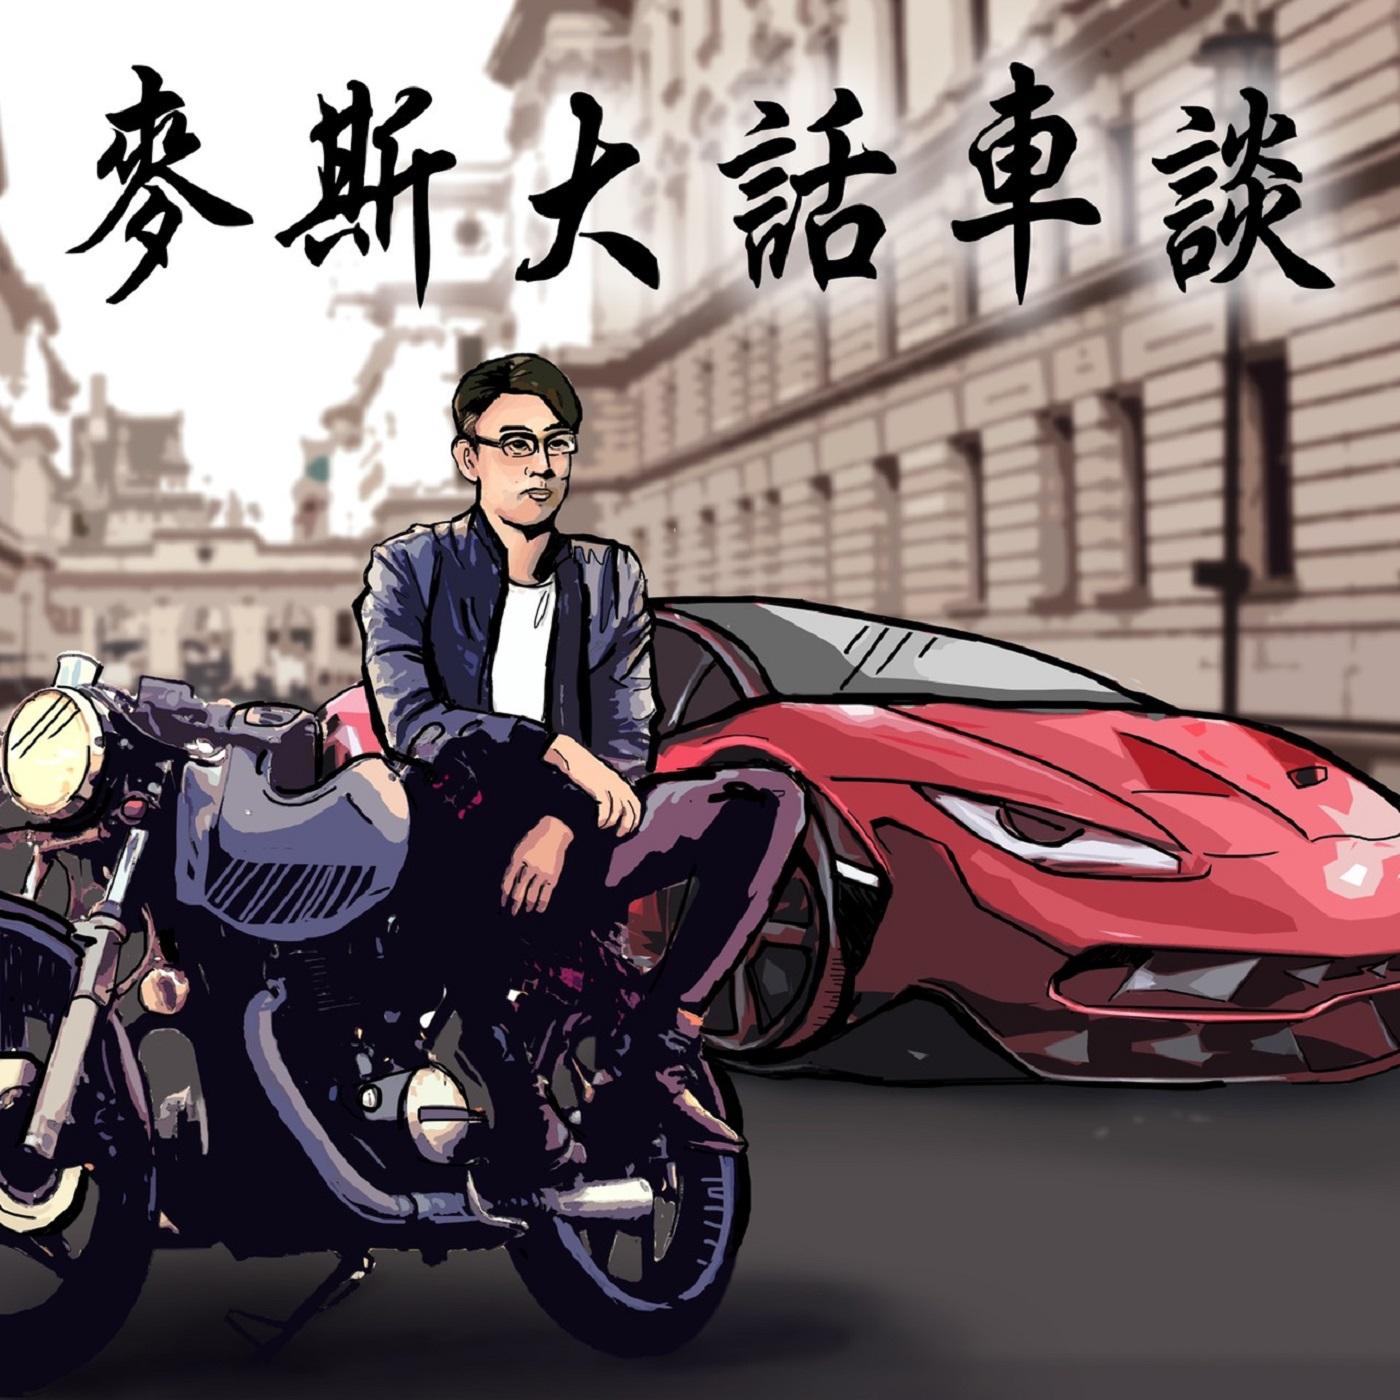 疫情來襲台灣車廠剉在等!五月銷售報告大解析